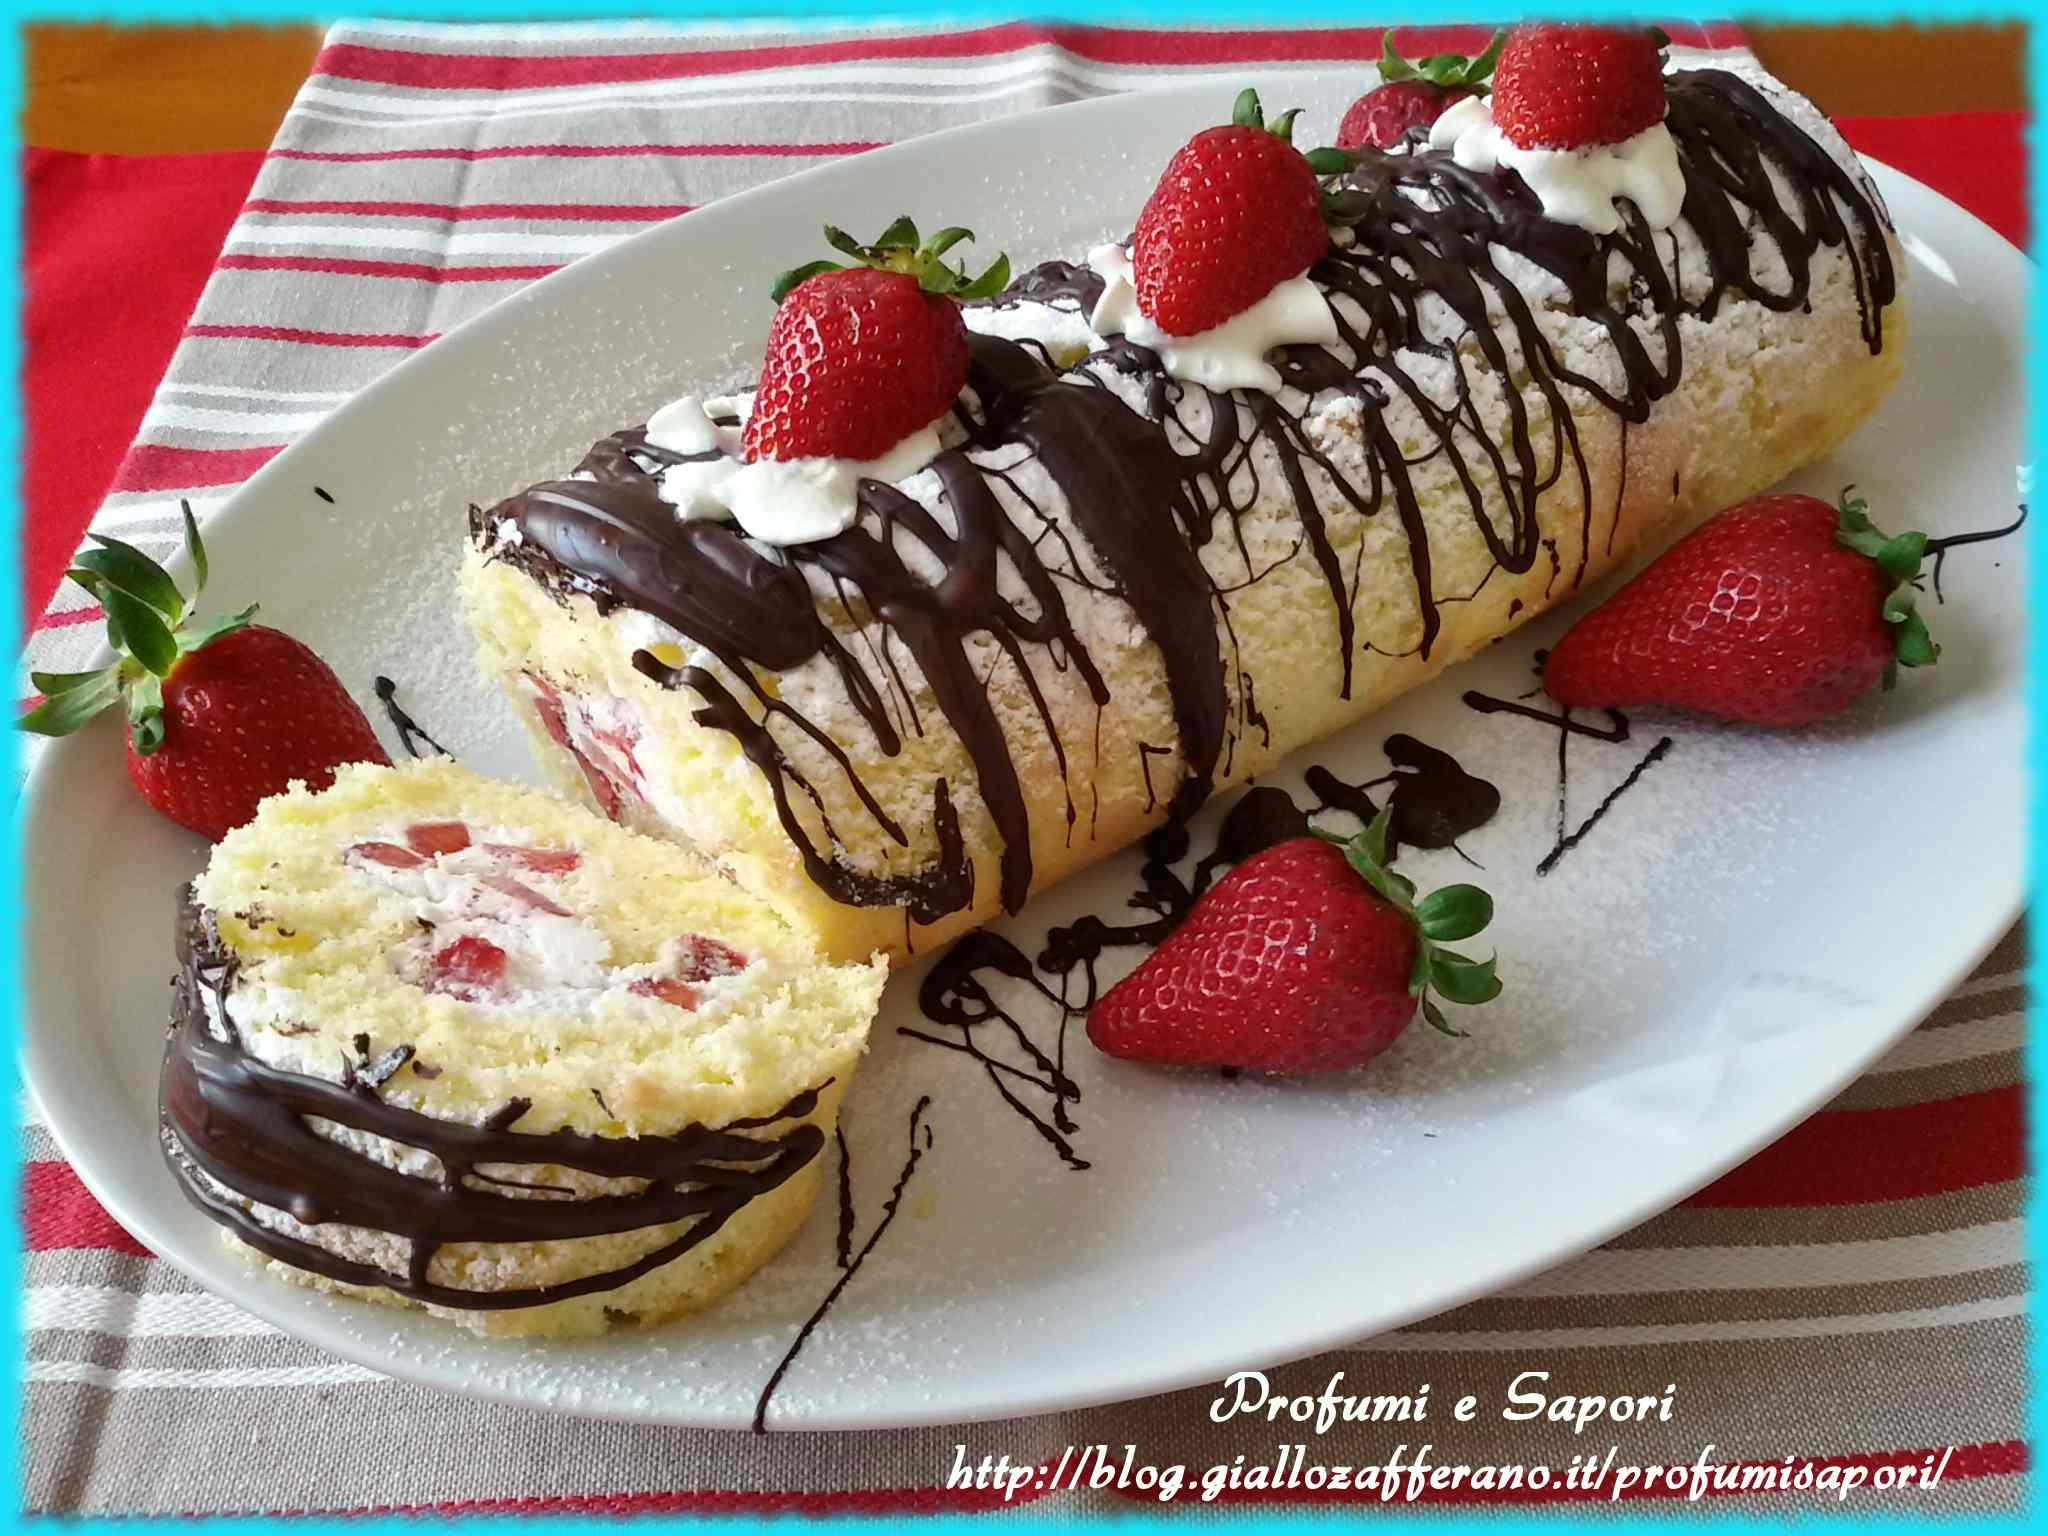 Rotolo panna fragole e cioccolato